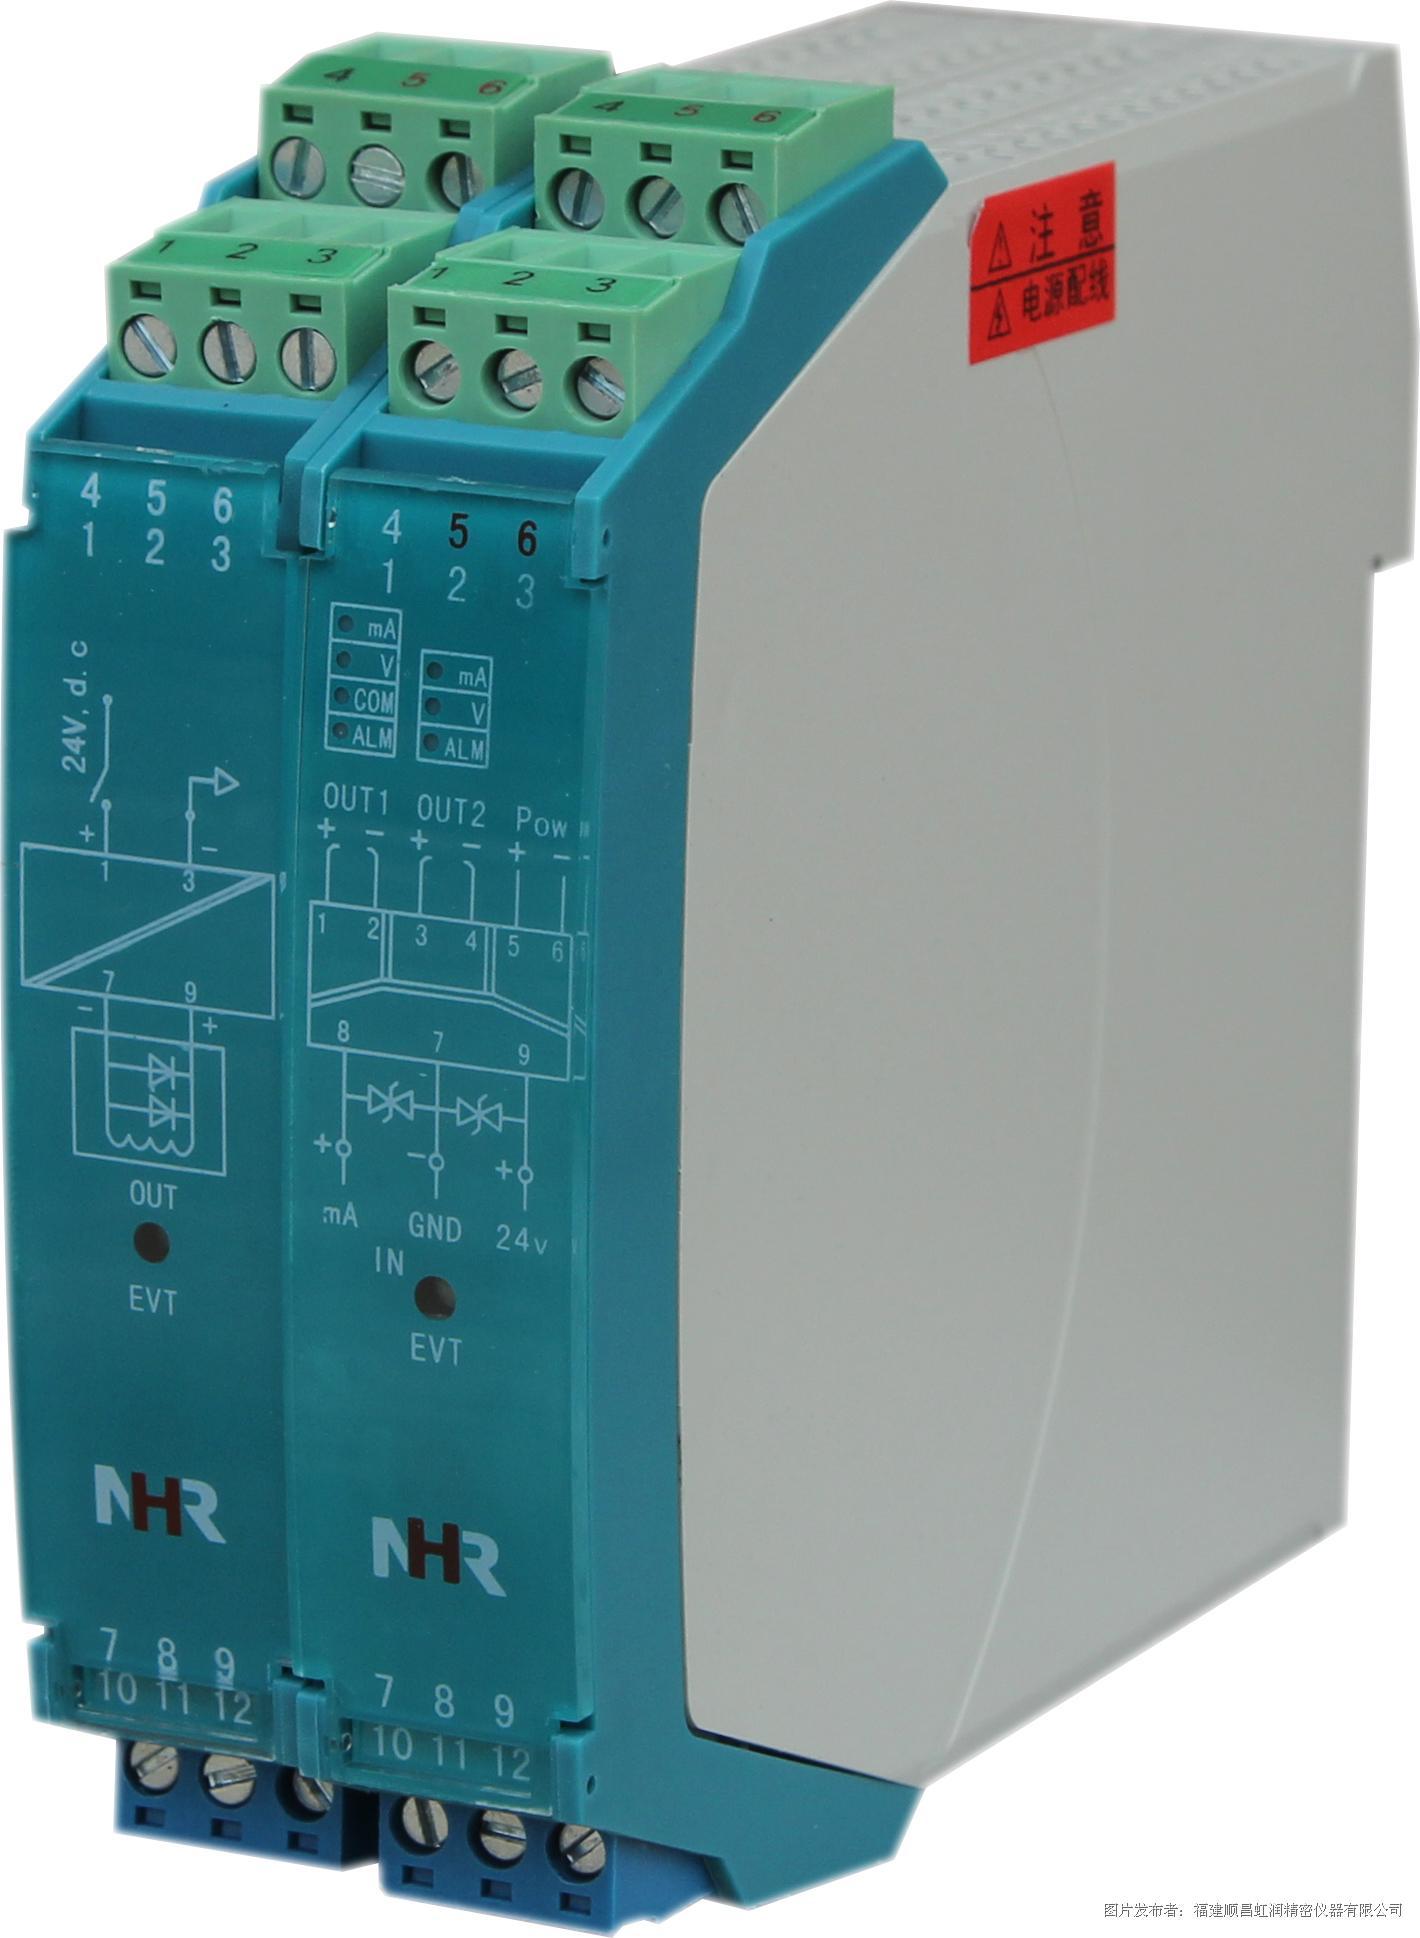 虹润 485输入检测端隔离栅 隔离式安全栅